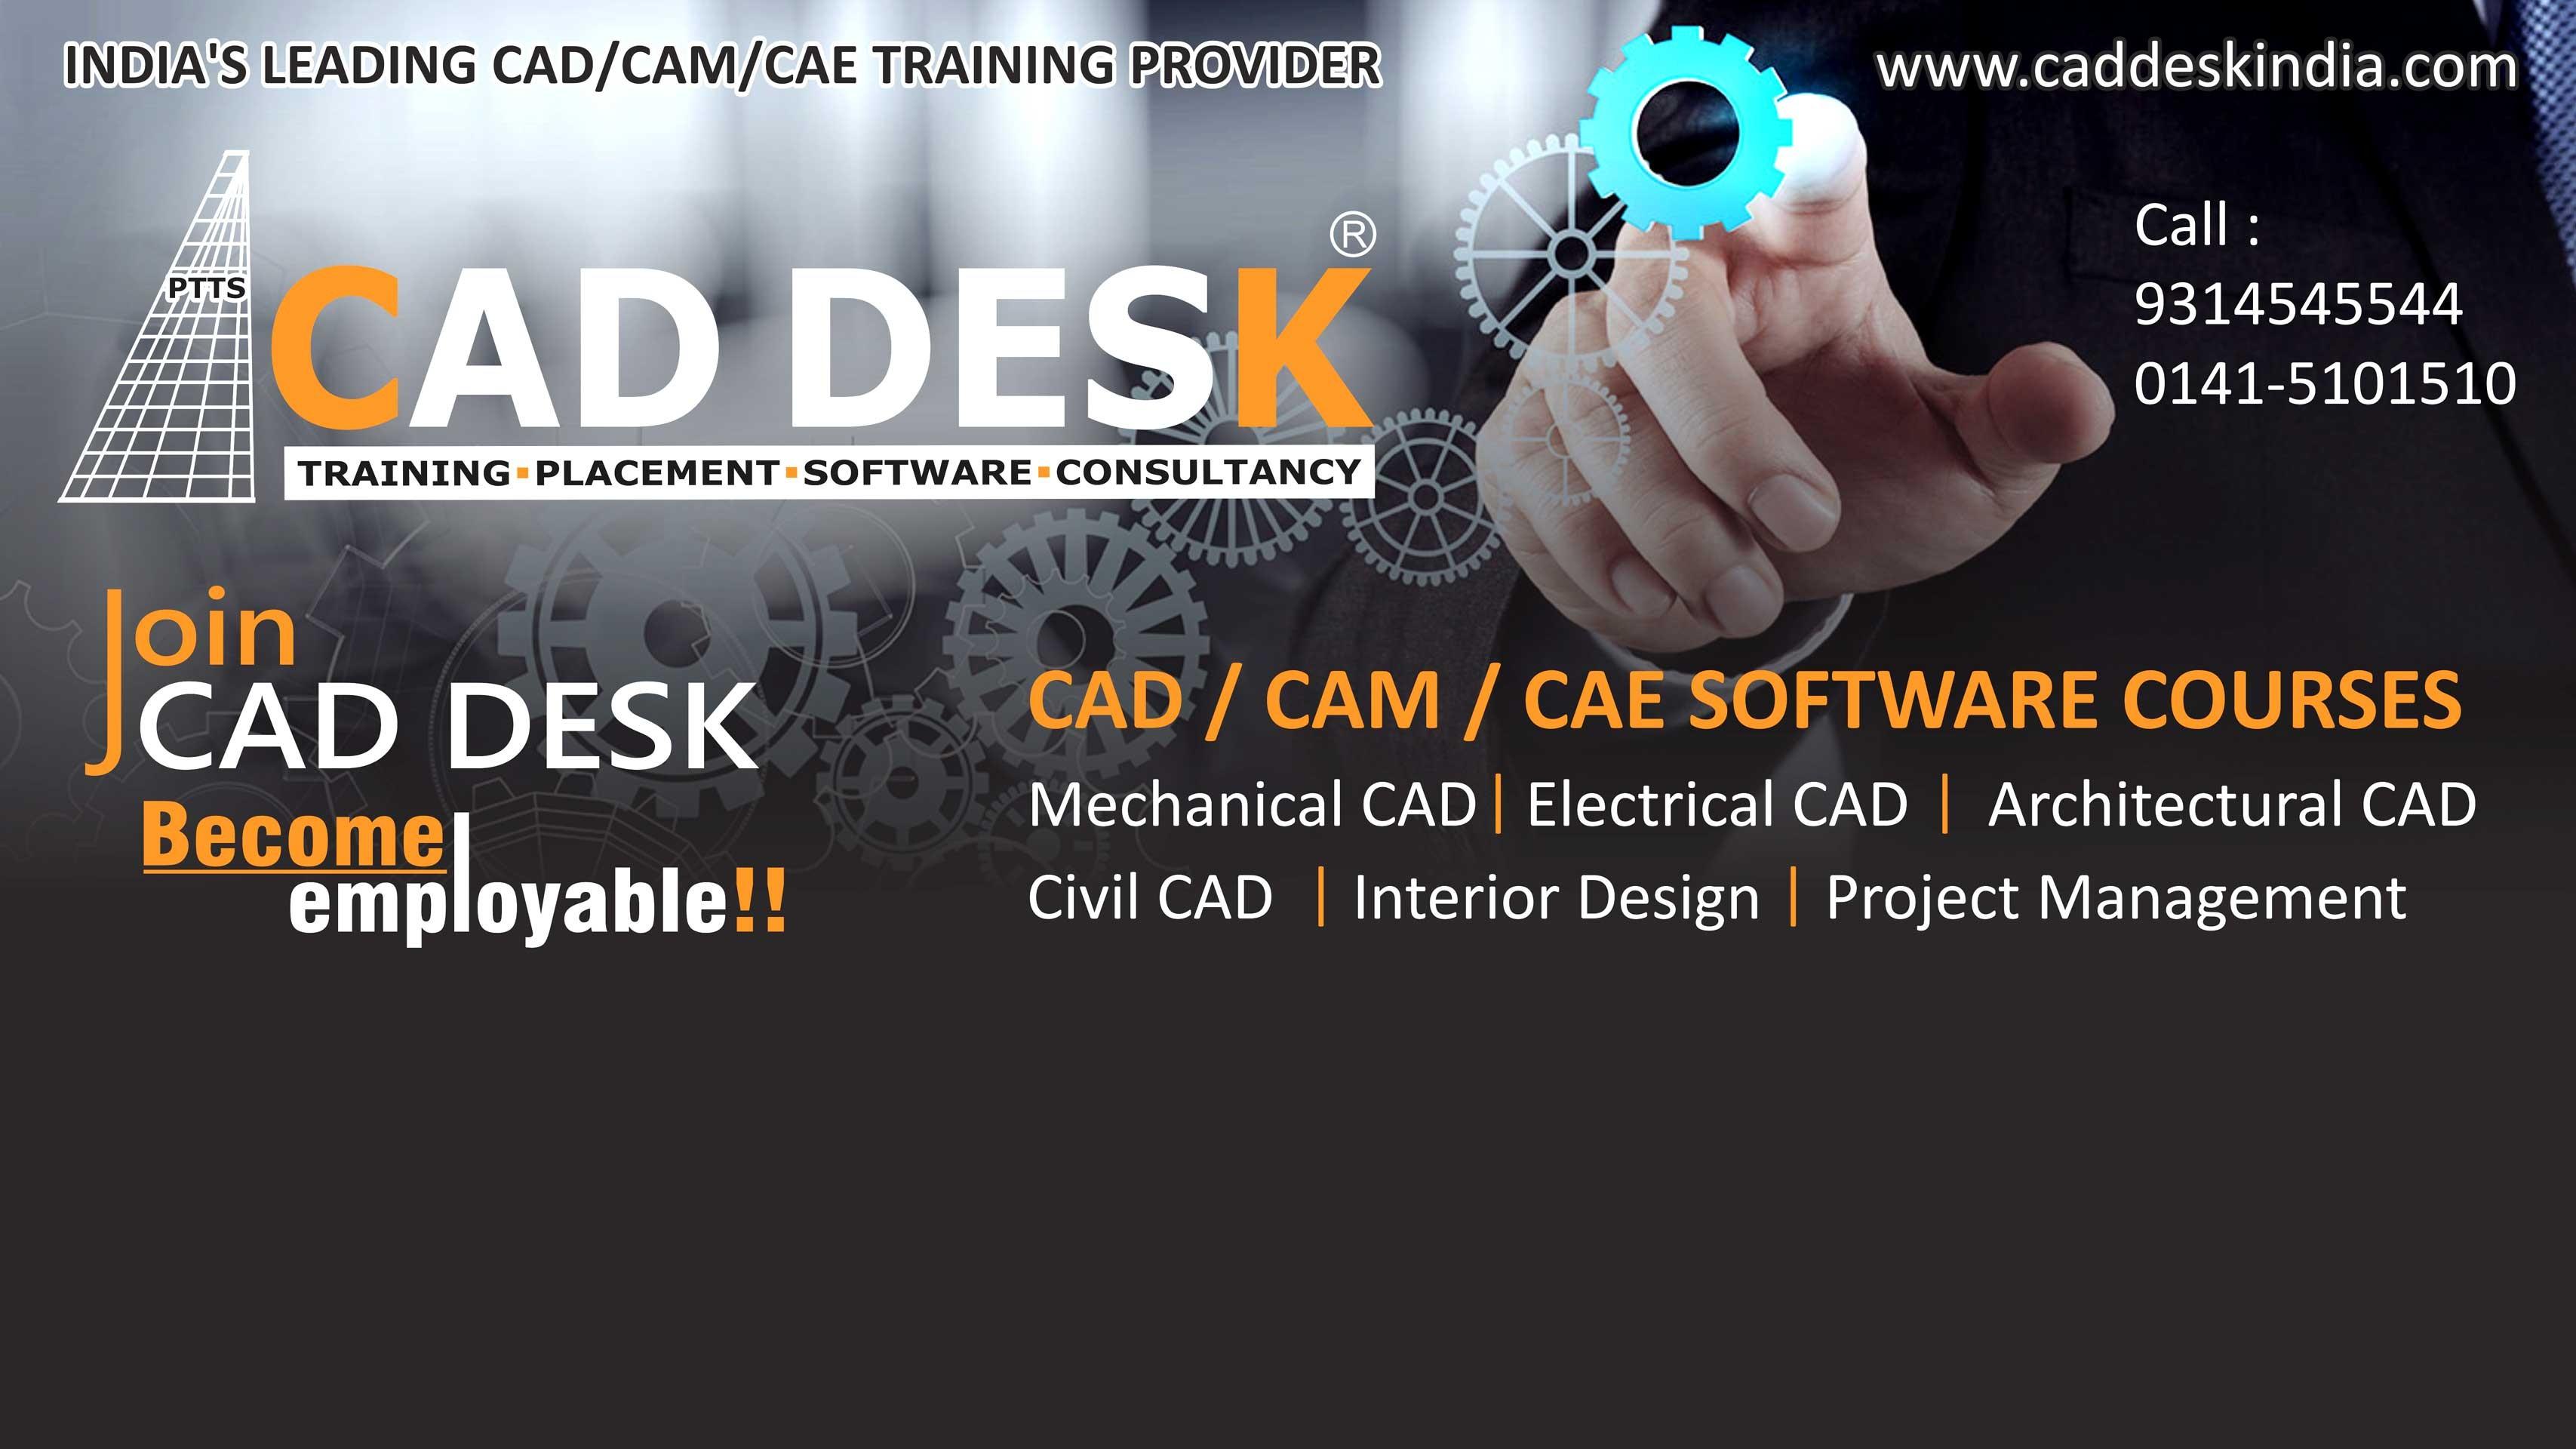 Cad desk | LinkedIn